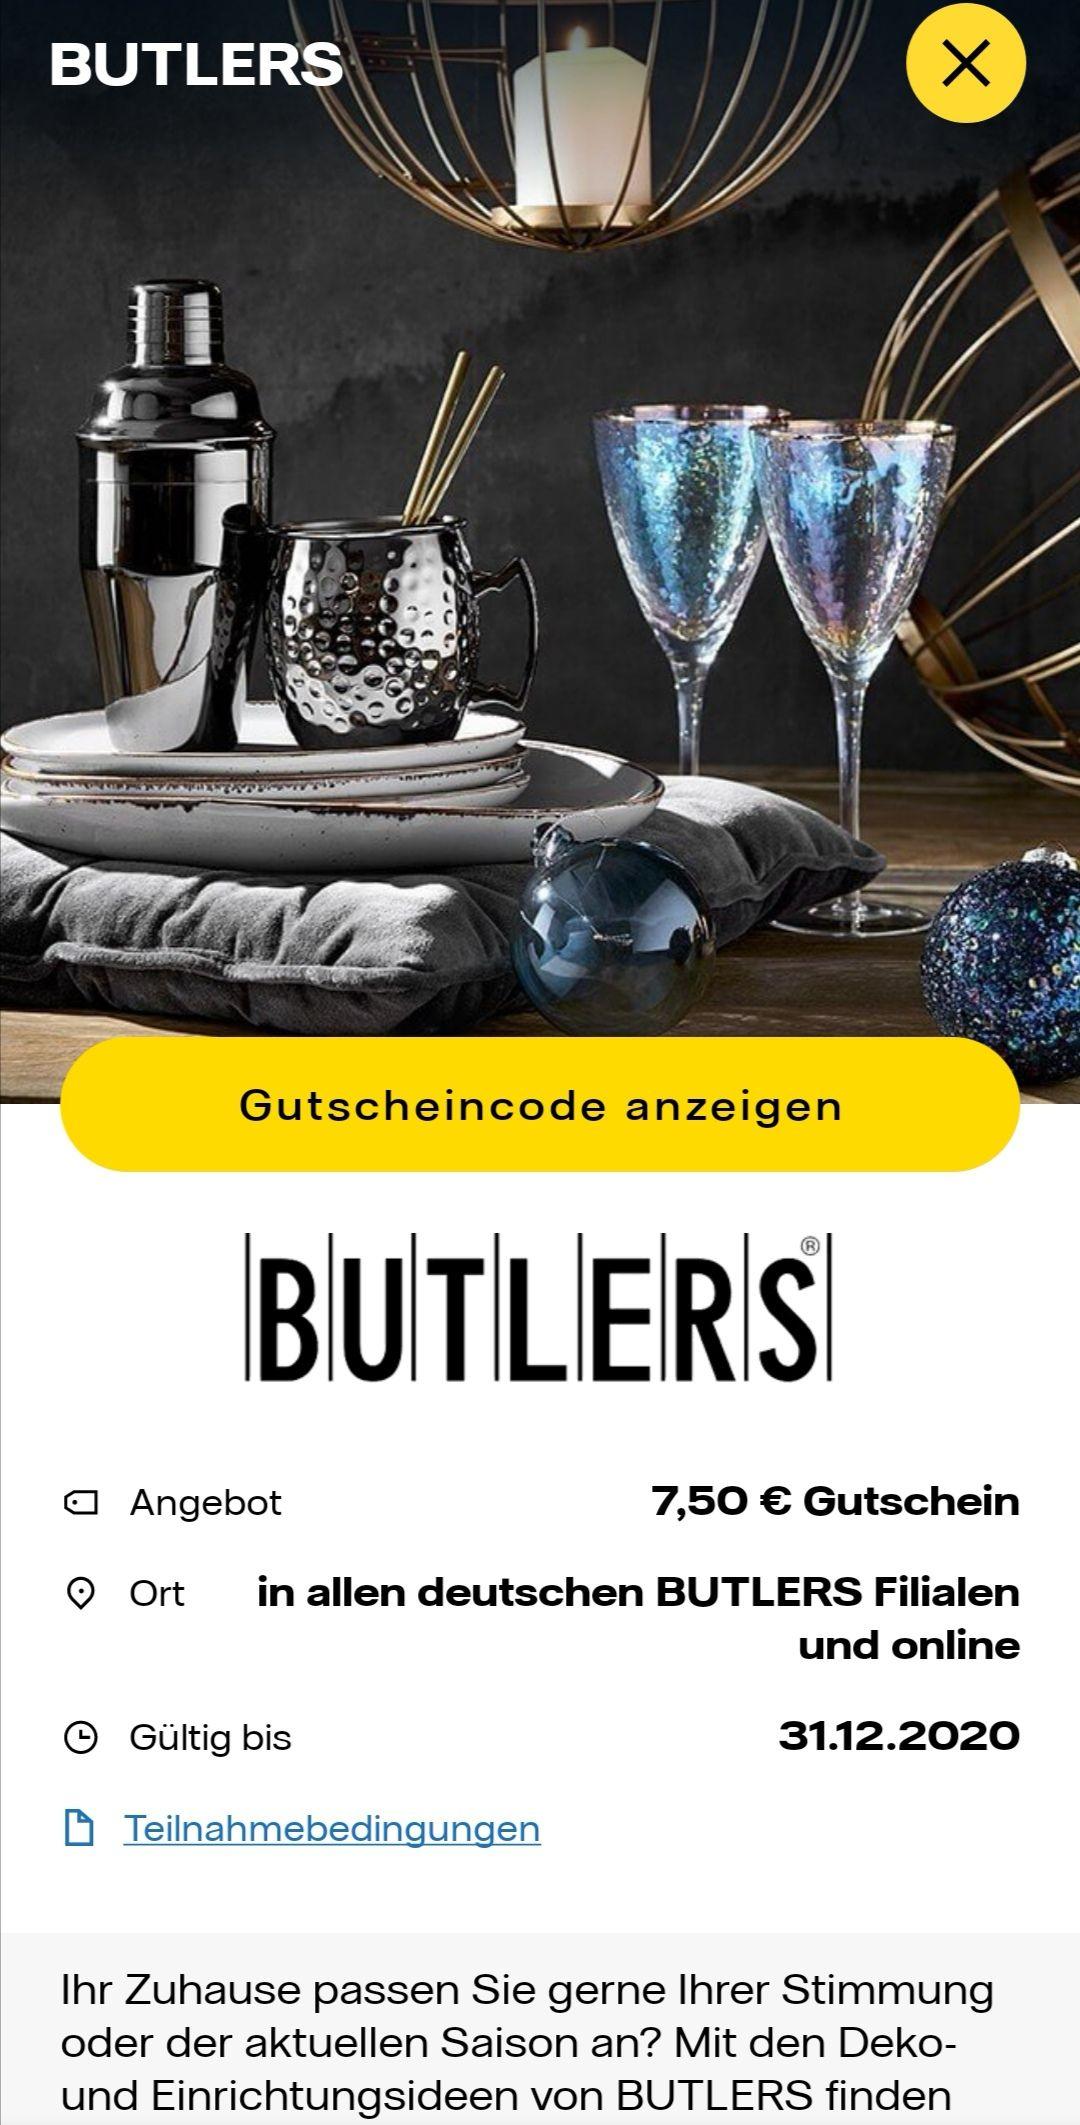 In der MyHighlight App von Vattenfall gibt es einen 7,50 € Gutschein von Butlers